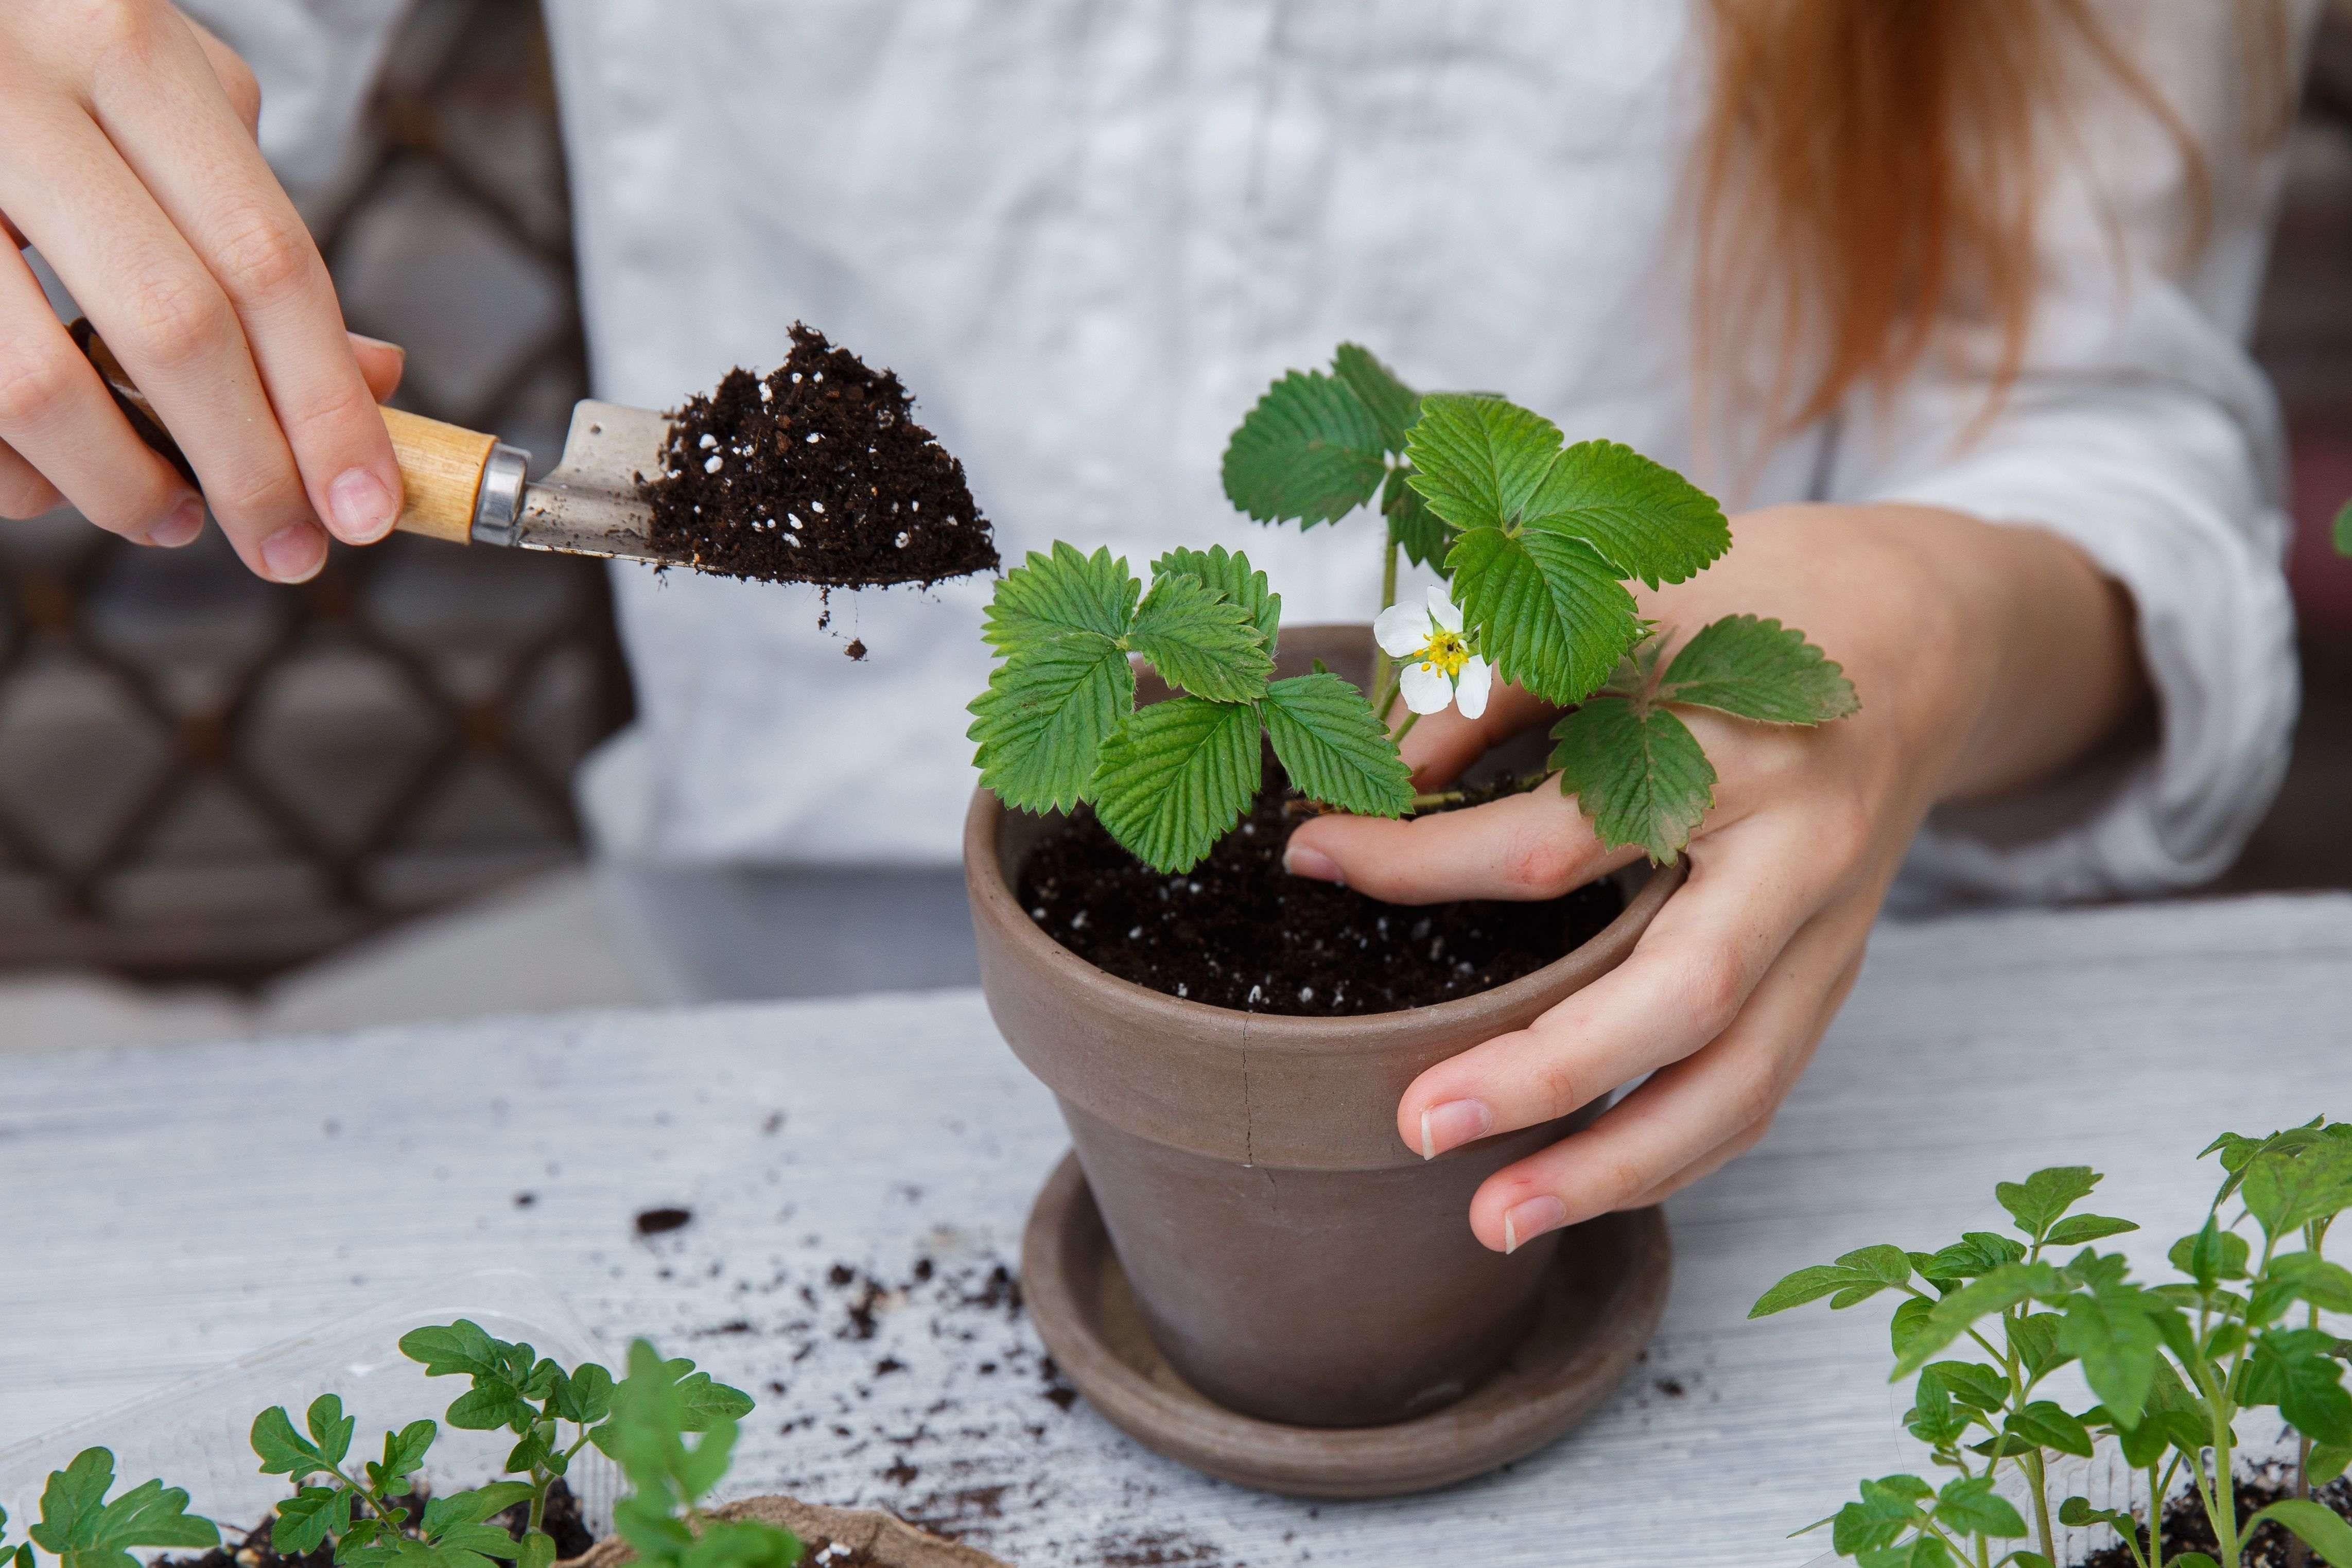 Come rinvasare una pianta